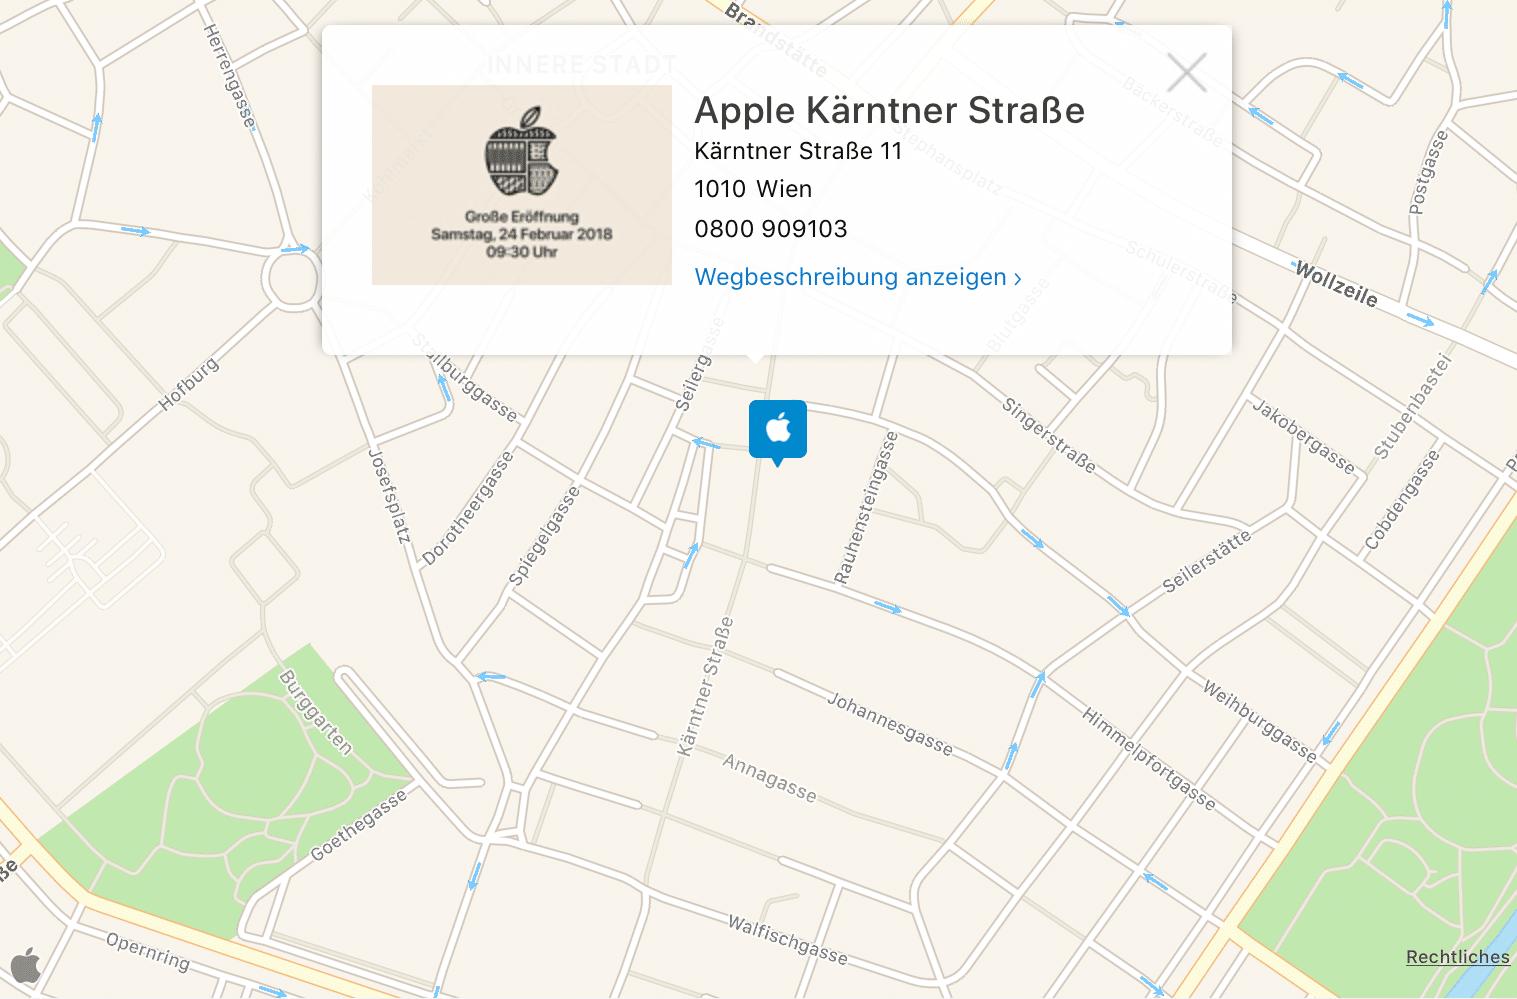 Apple Store Wien - Wegbeschreibung - Screenshot